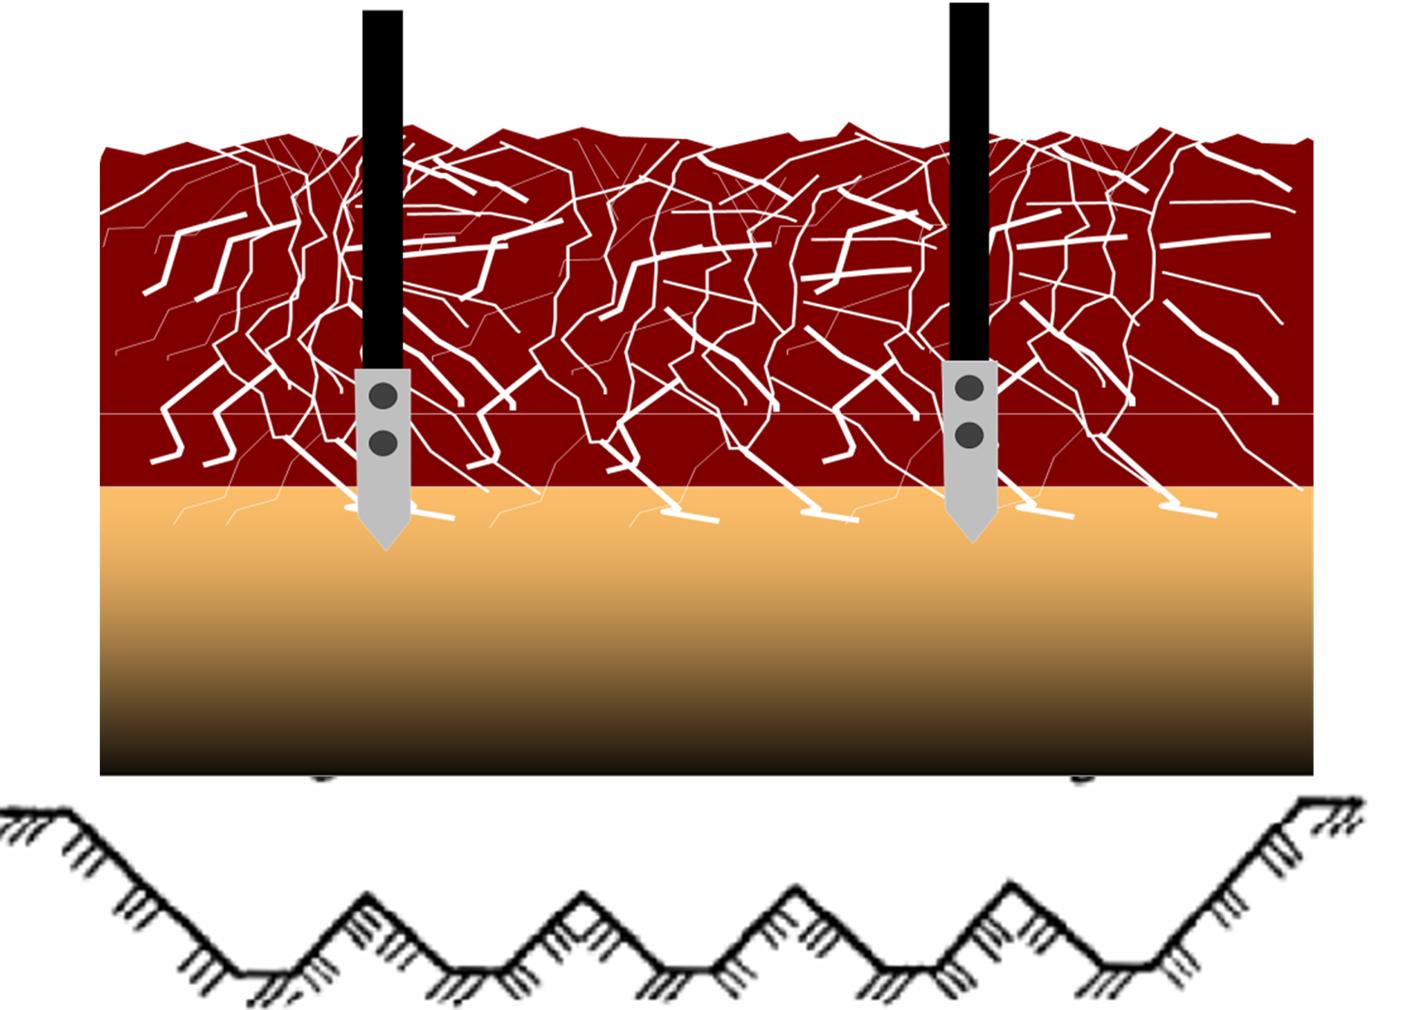 Обробіток ґрунту. Основні завдання для вирішення в умовах змін клімату фото 6 LNZ Group